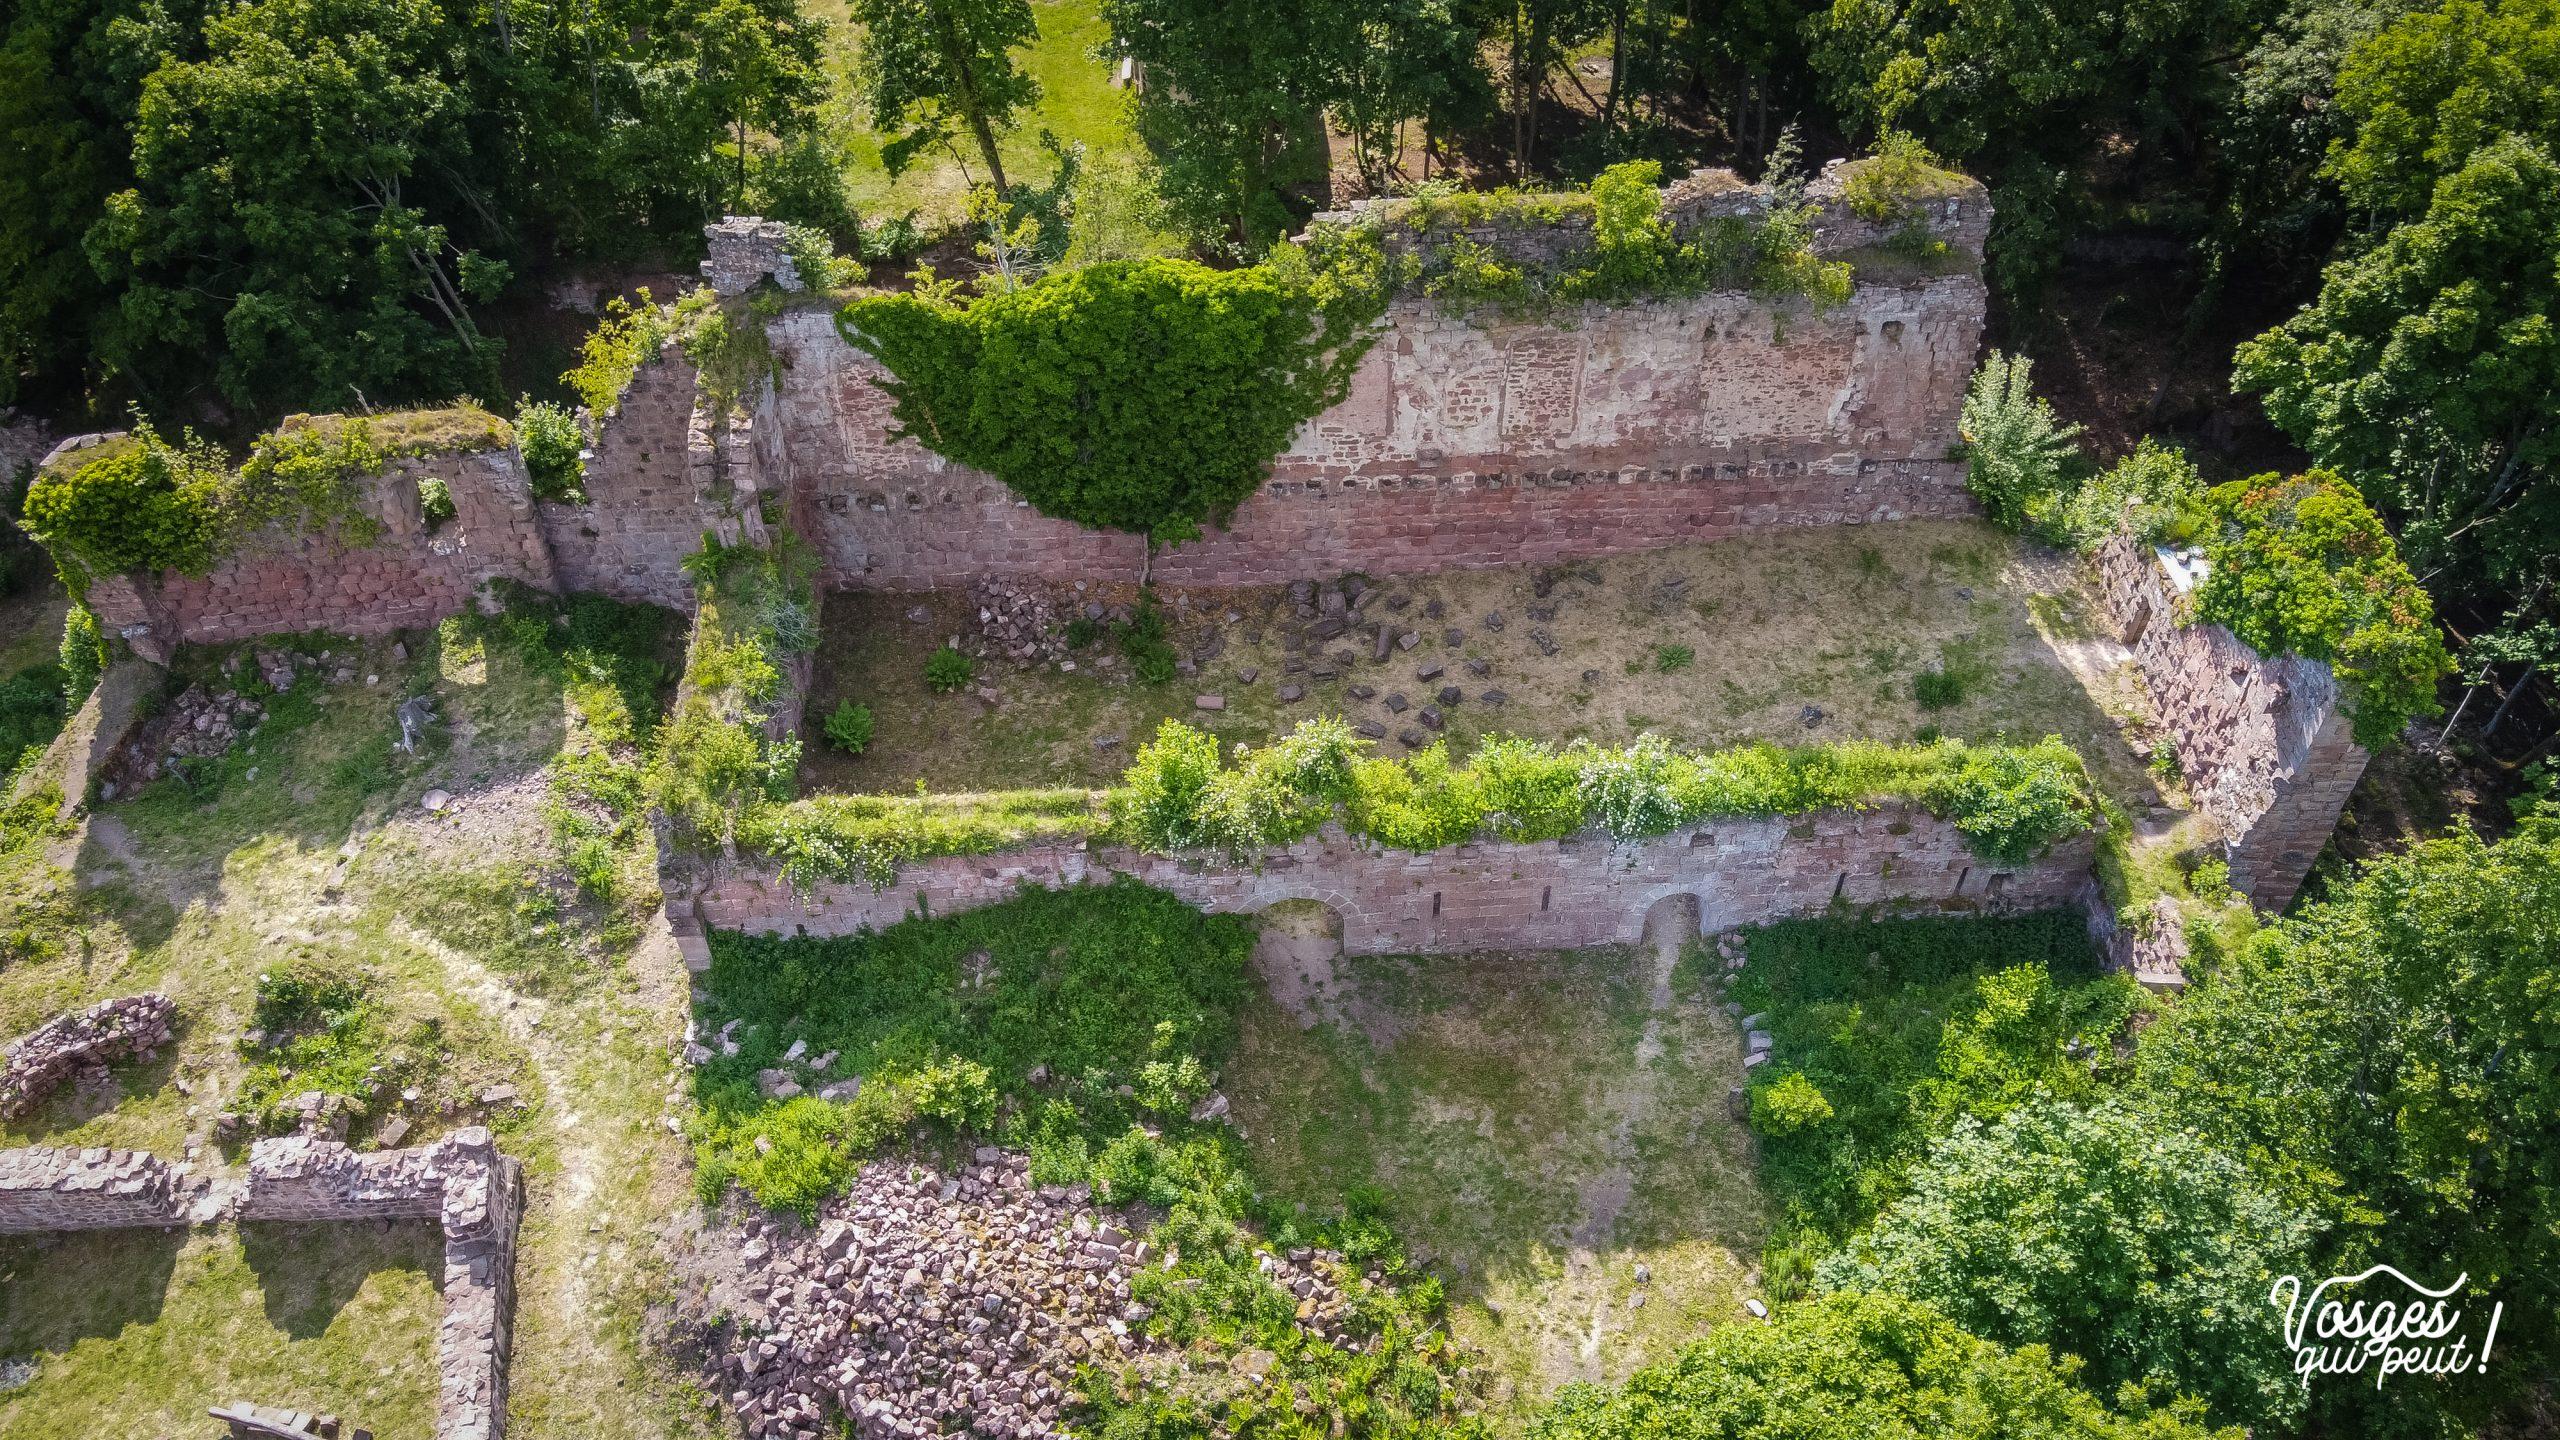 Vue aérienne sur les ruines du château de Guirbaden